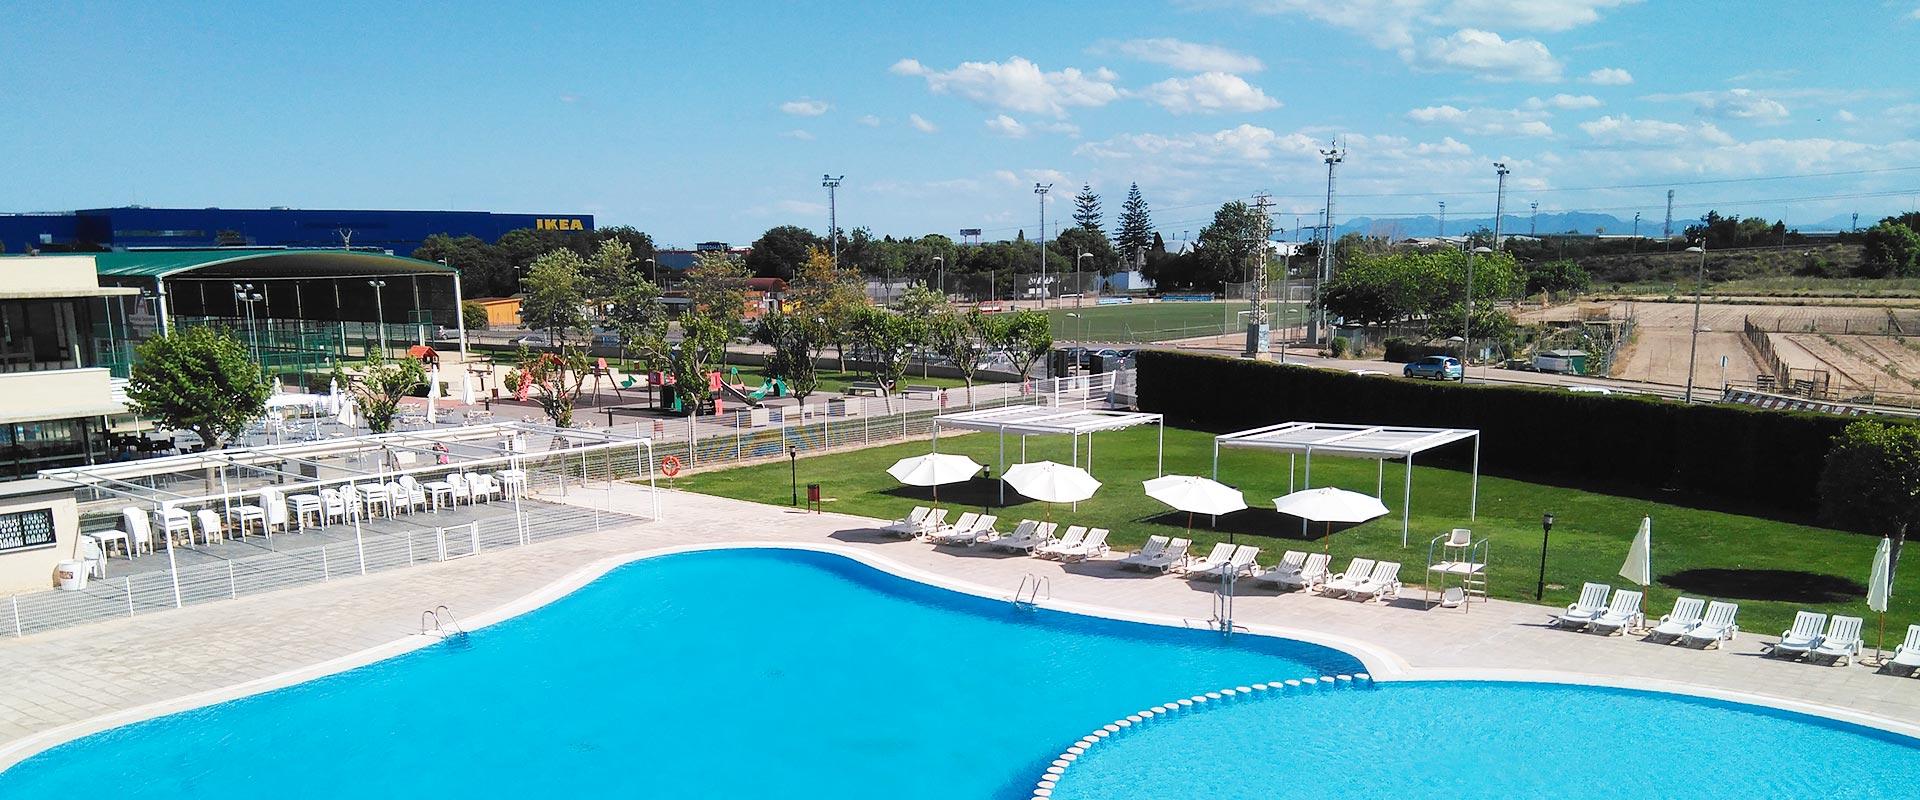 Suma fitness club alfafar centro deportivo en alfafar for Piscina climatizada valencia